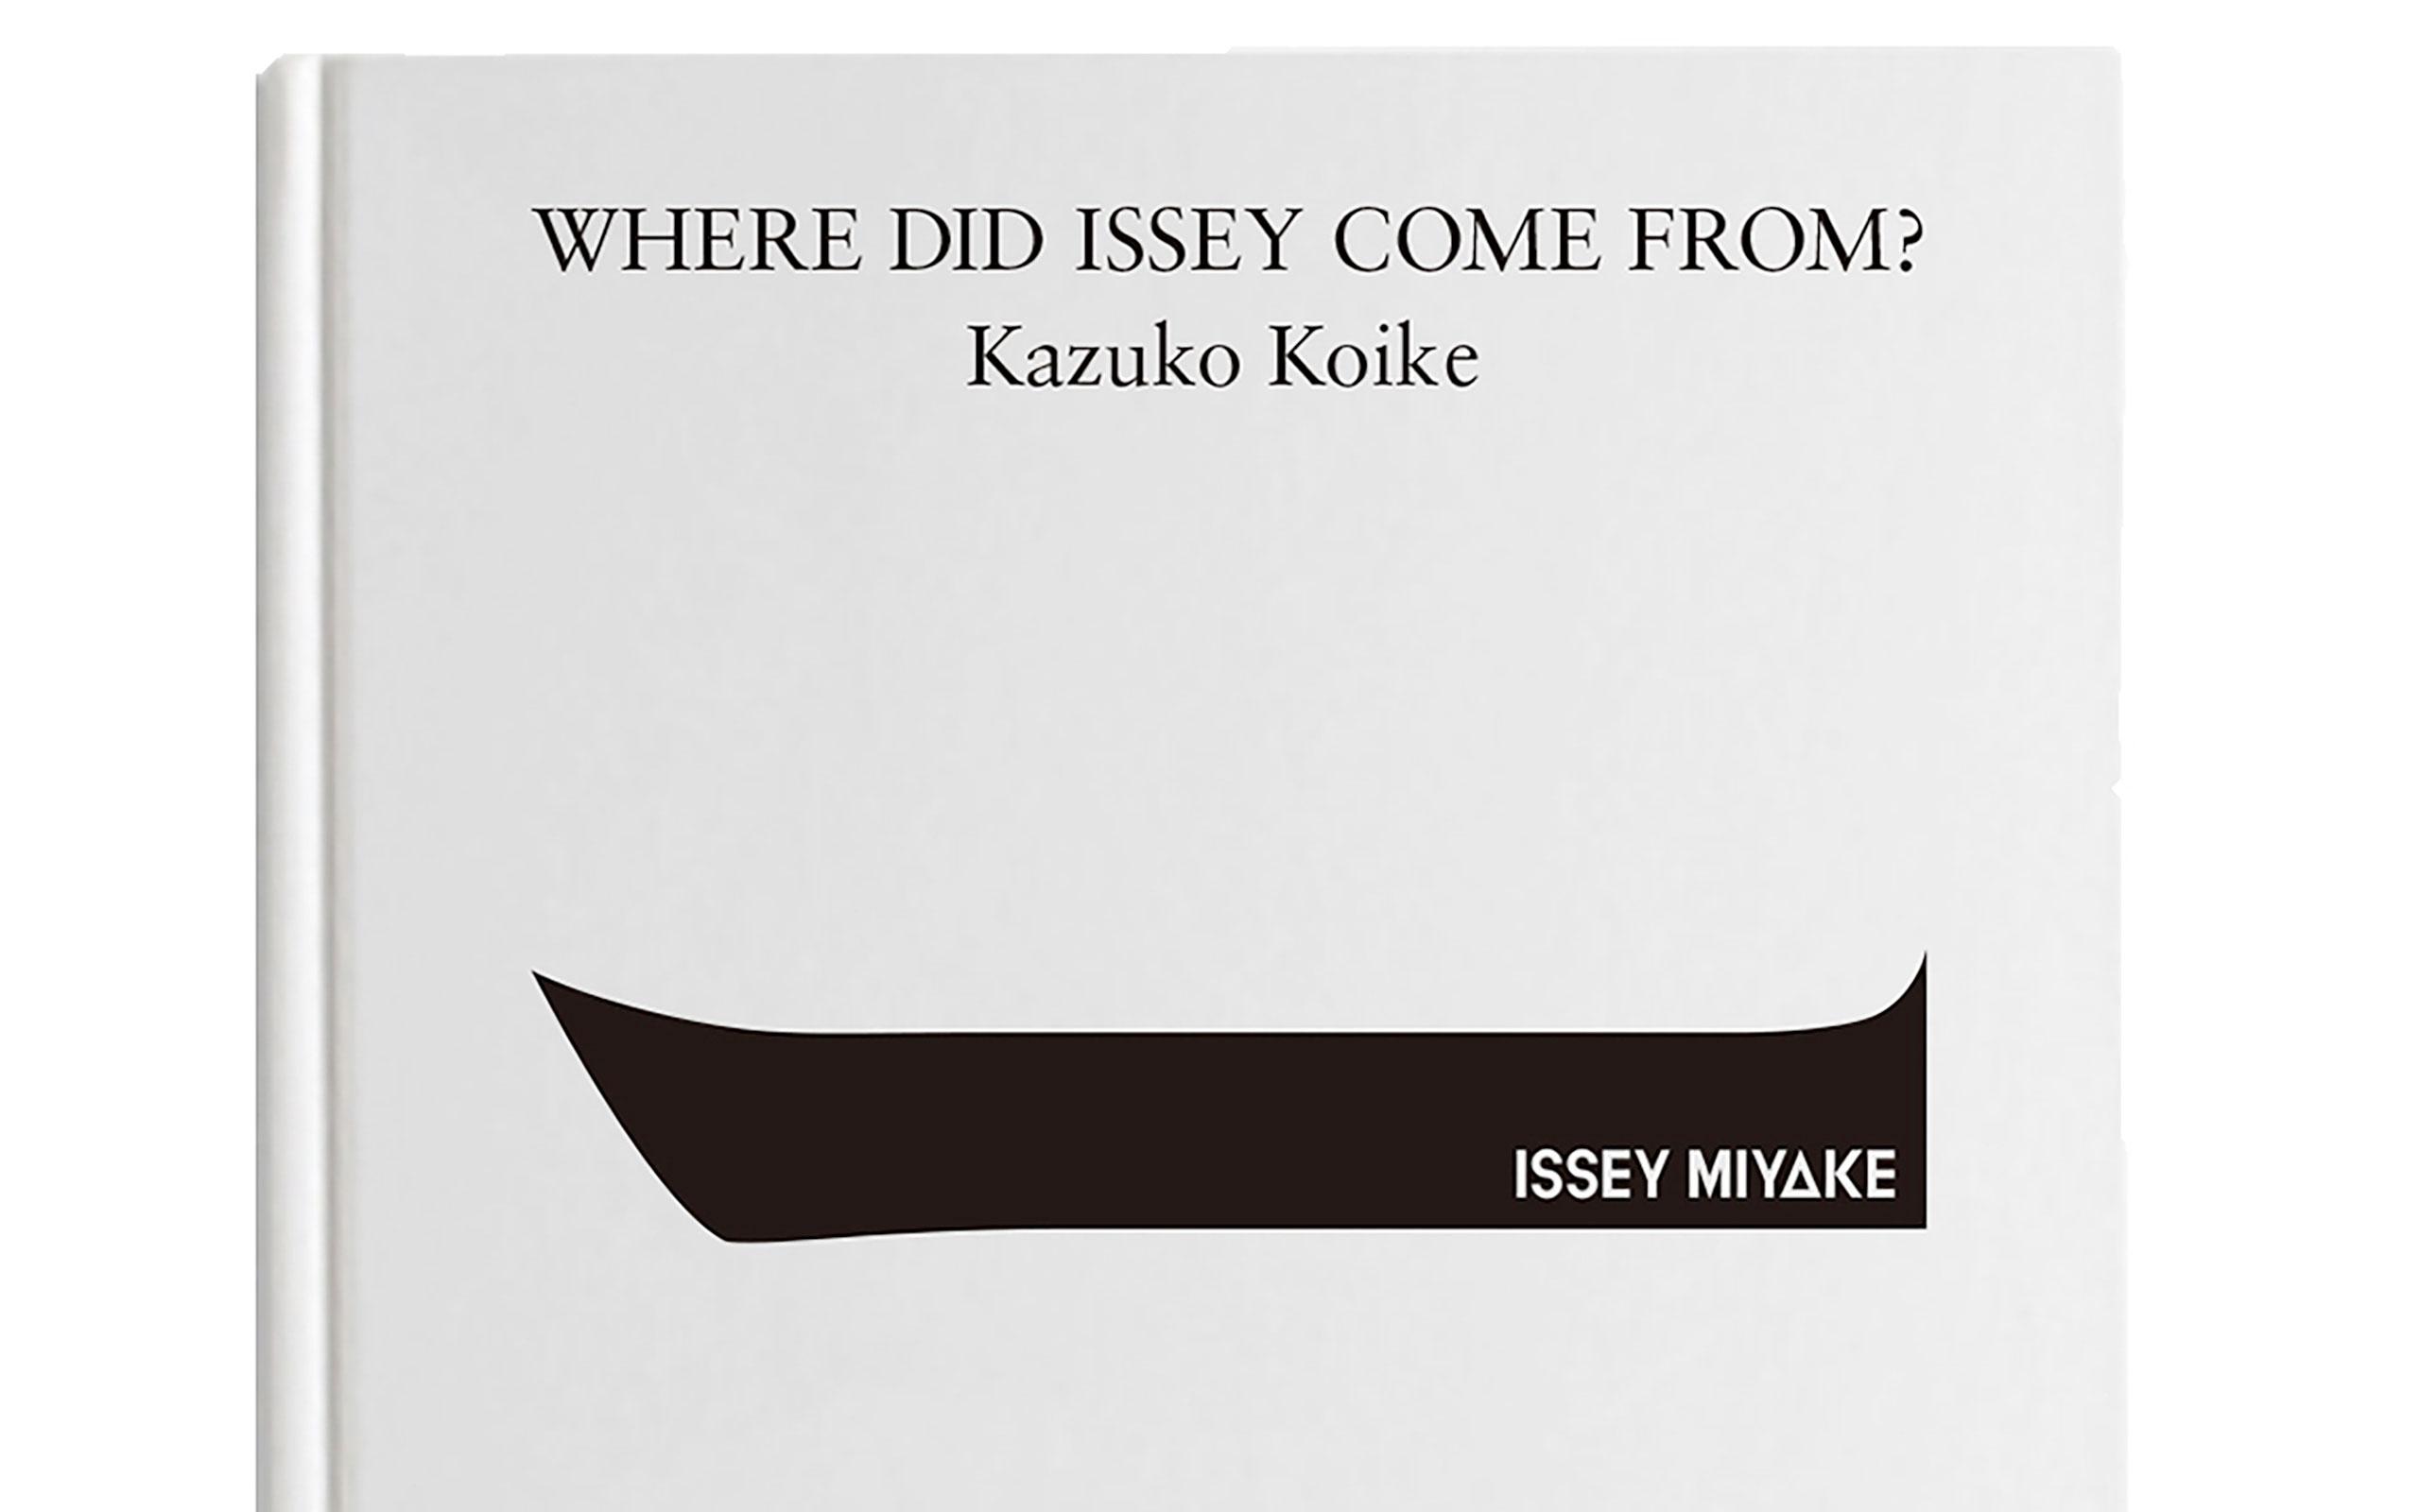 Issey Miyake To Release New Book Written By Kazuko Koike